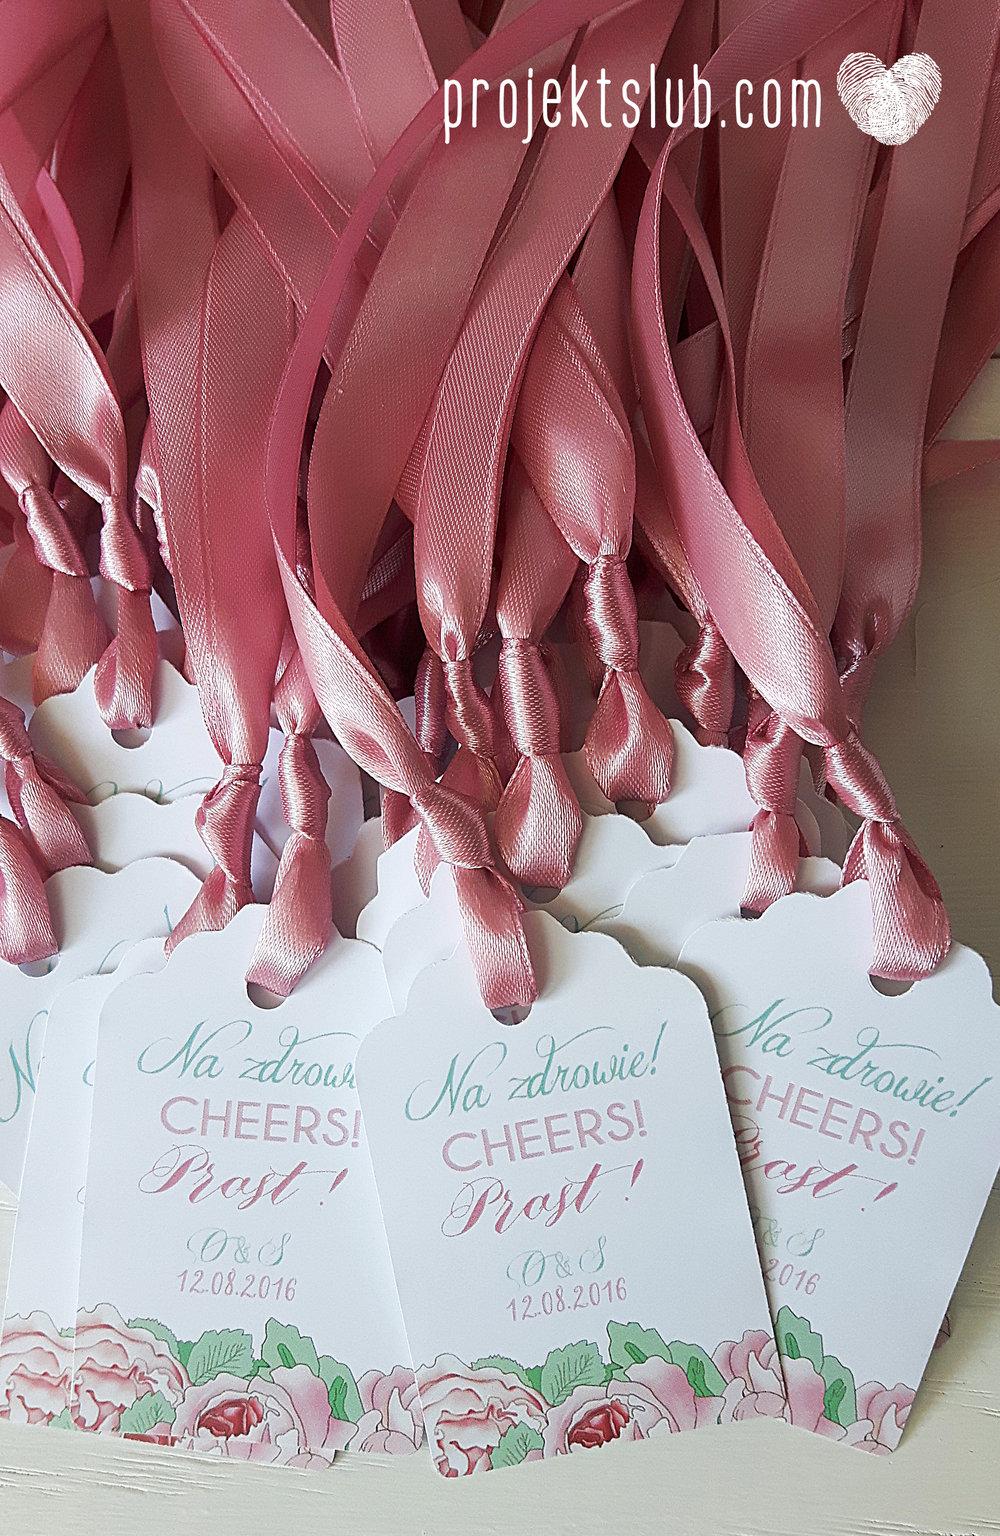 Zaproszenia  ślubne pasteove kwiaty ze wstążką wyjątkowe oryginalne najpiękniejsza papeteria ślubna mięta róż Projekt Ślub (14).jpg